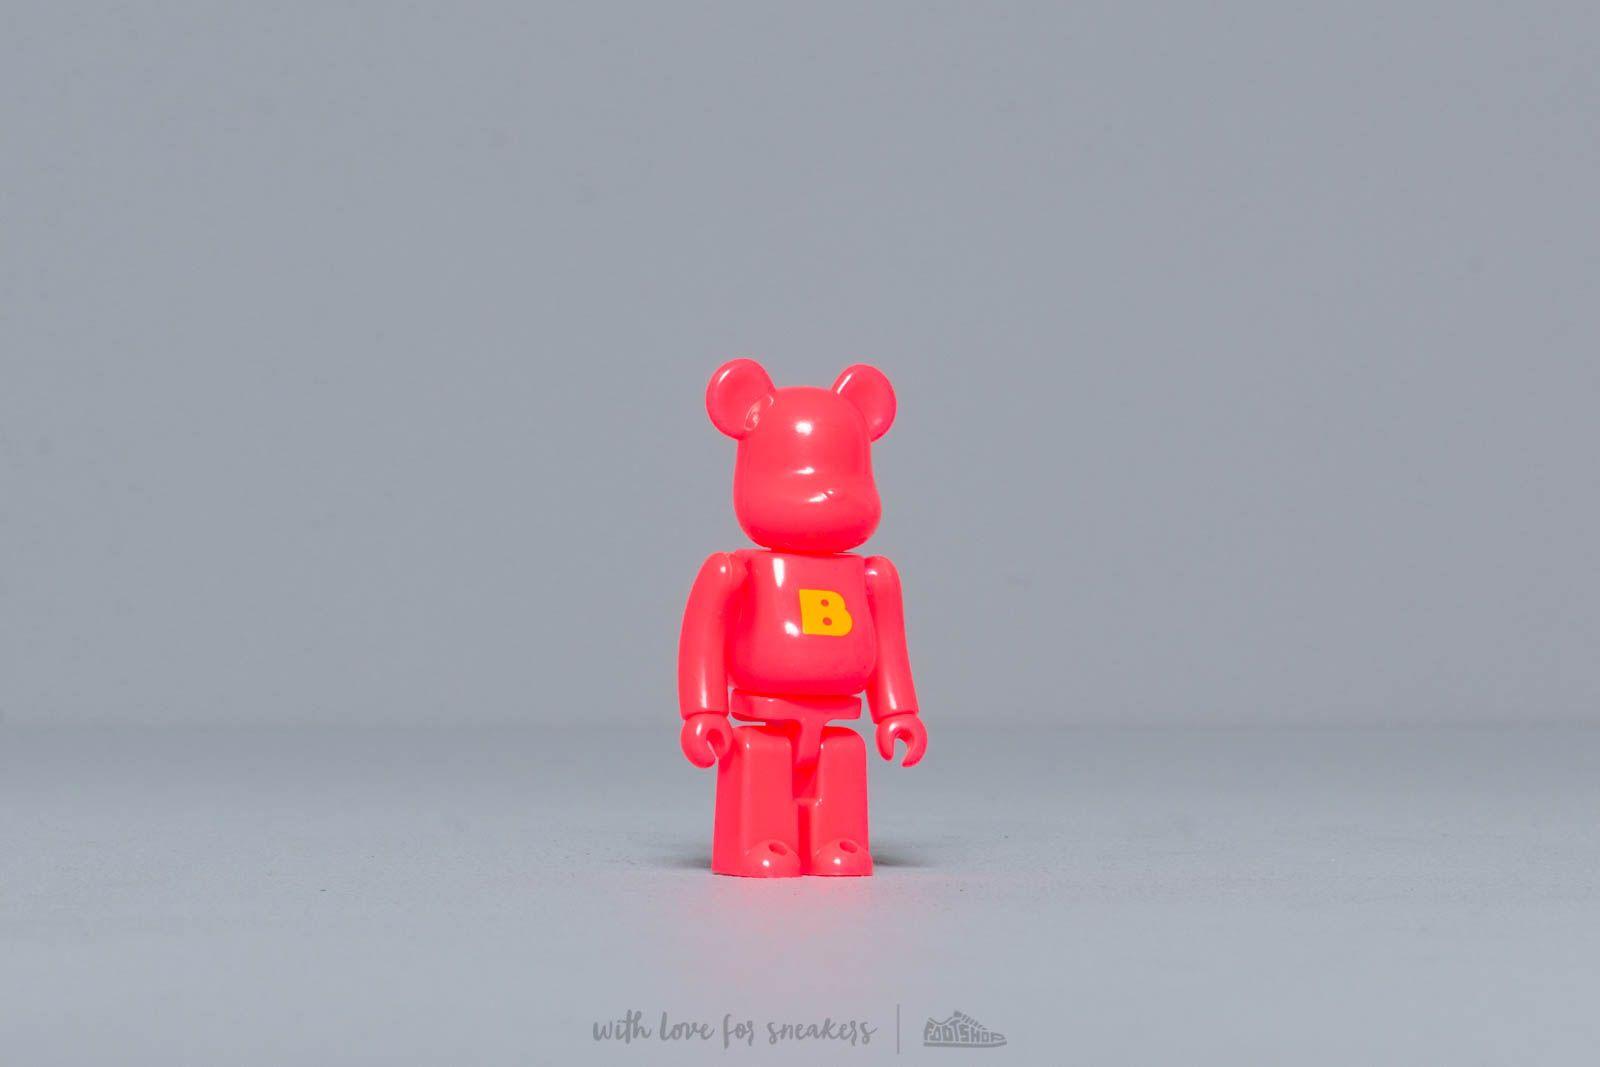 Medicom Toy Be@rbrick Series 37 za skvelú cenu 10 € kúpite na Footshop.sk